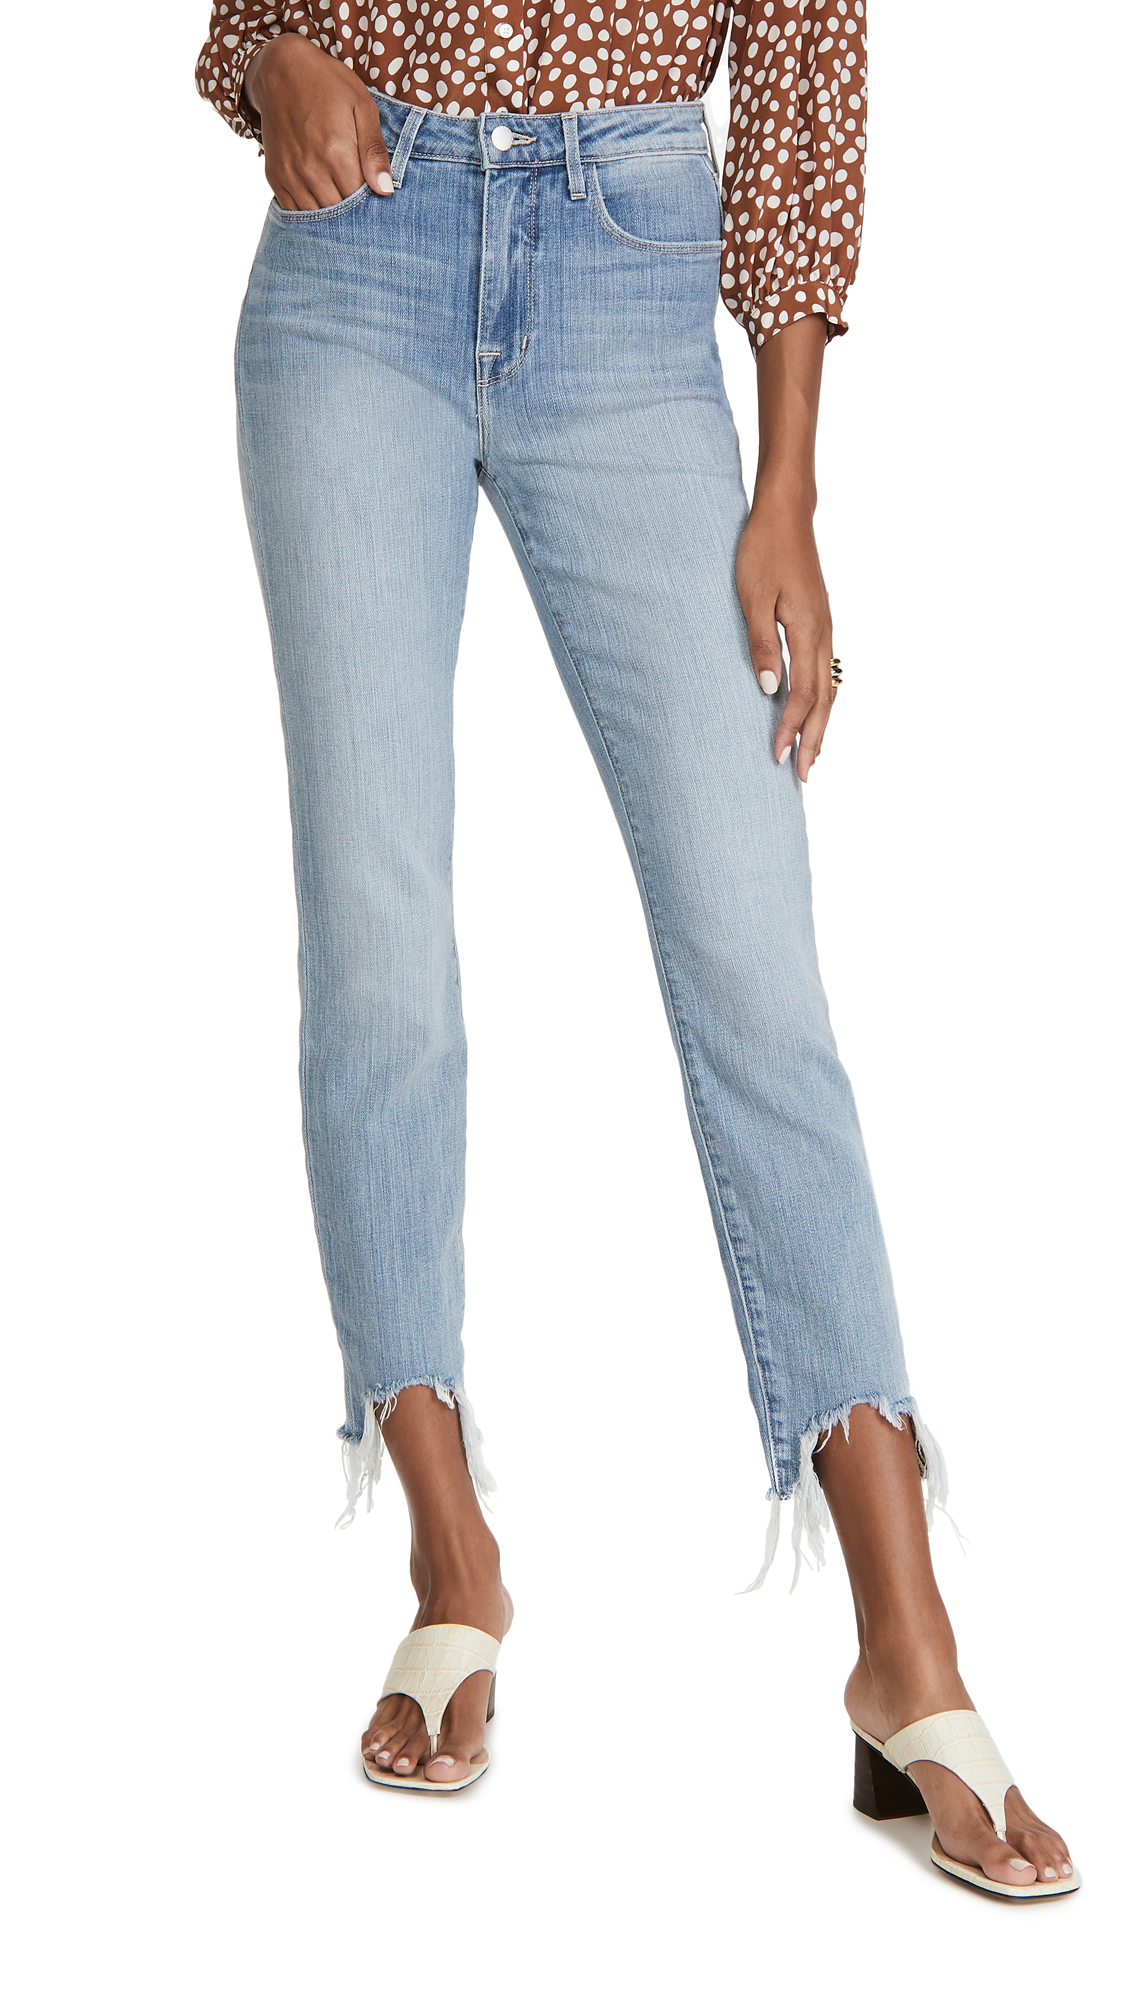 L'AGENCE Harlem High Rise Skinny Jeans